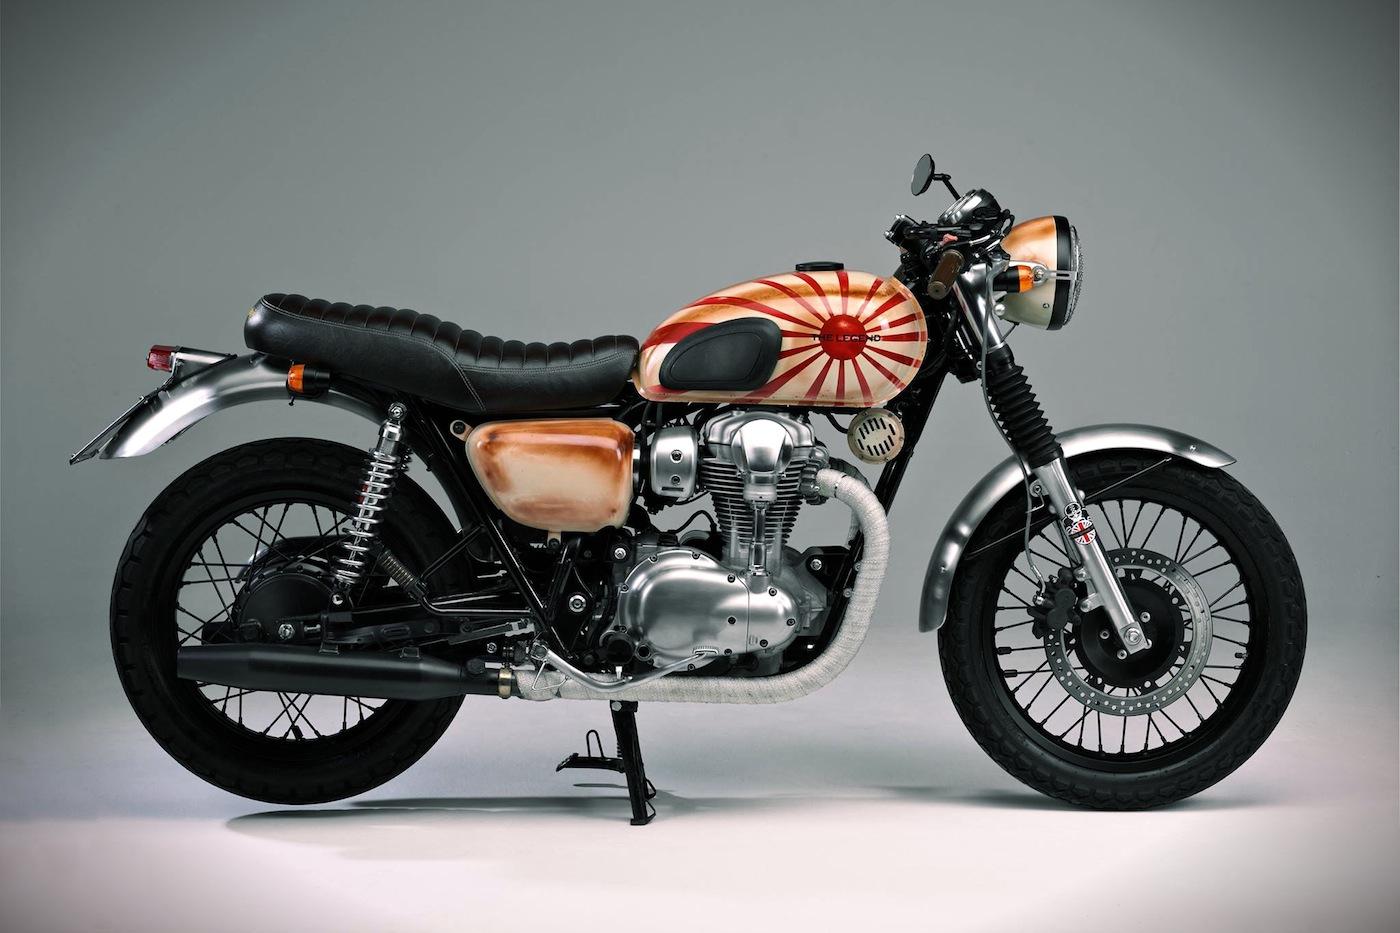 Kawasaki W800 By Brittway Garage